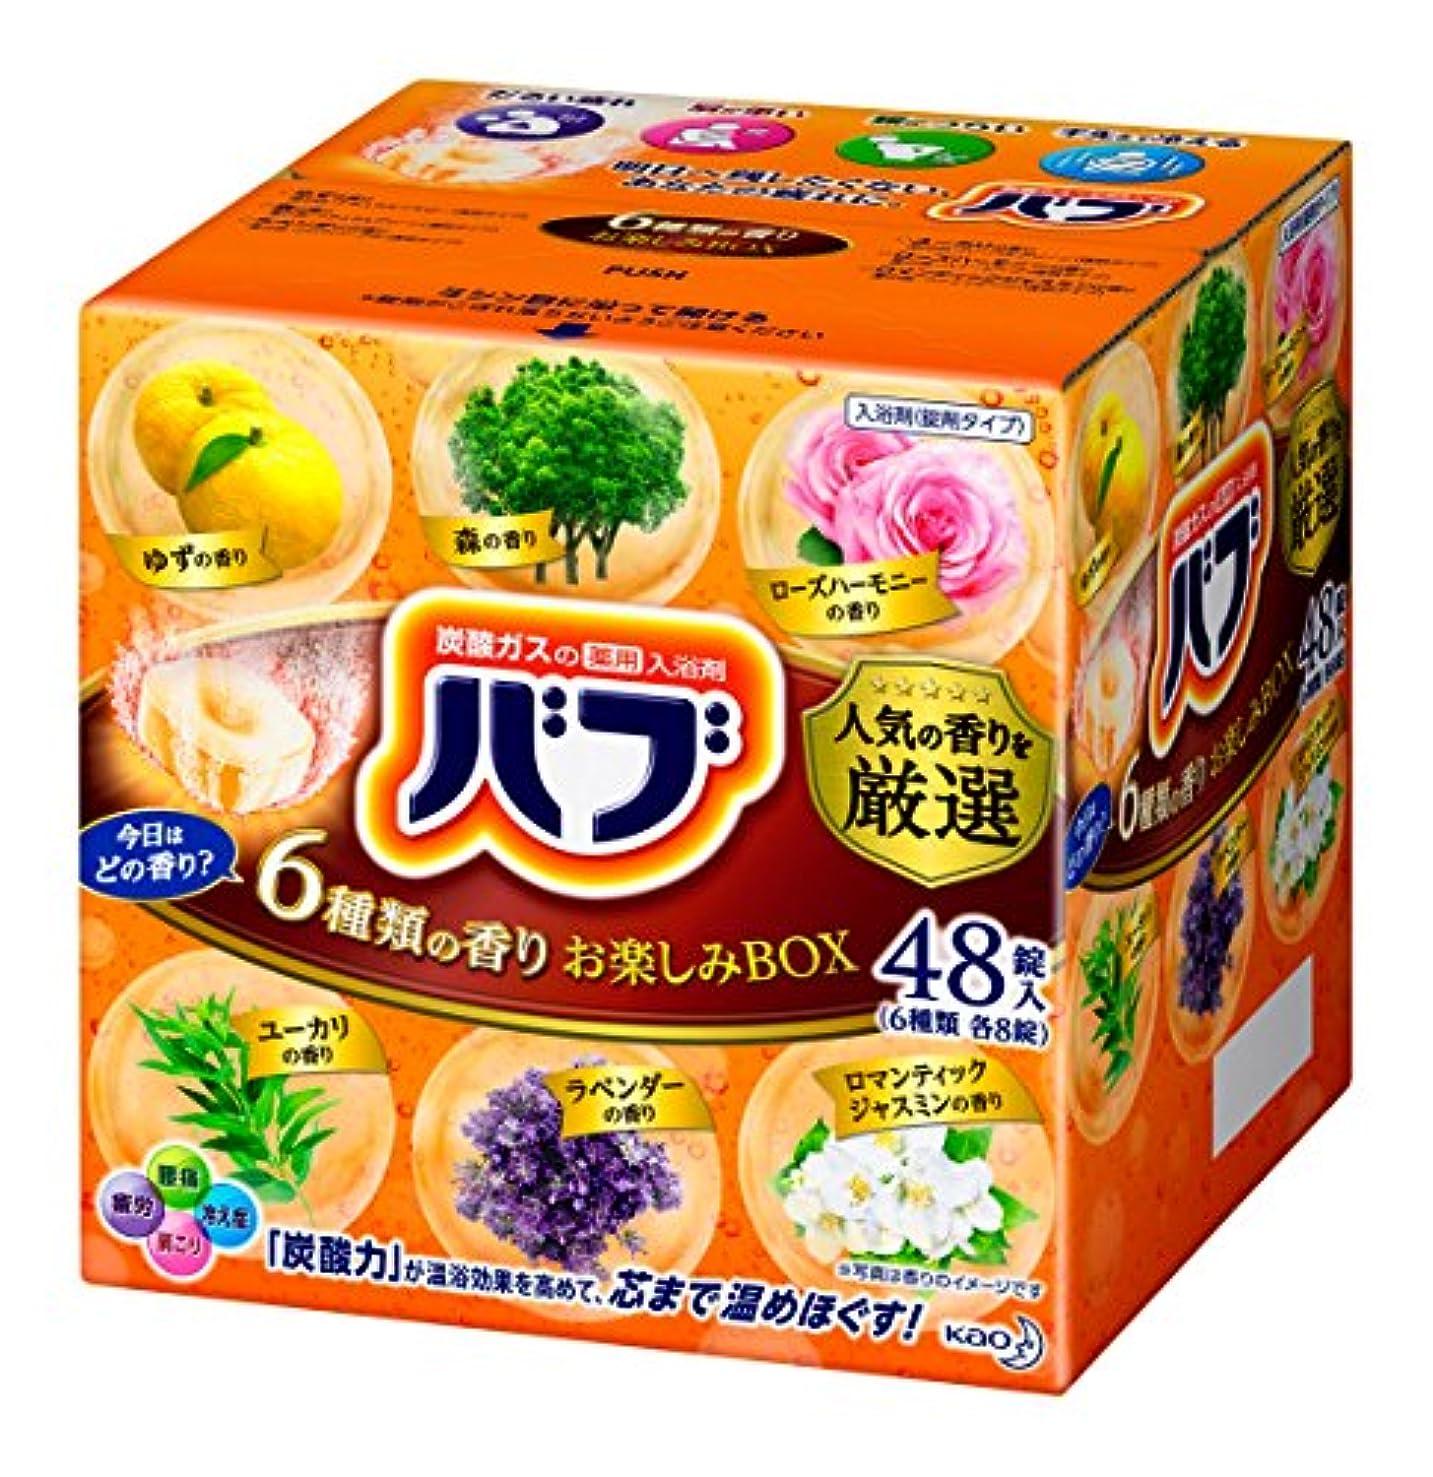 休日薄める突き刺す【大容量】バブ 6つの香りお楽しみBOX 48錠